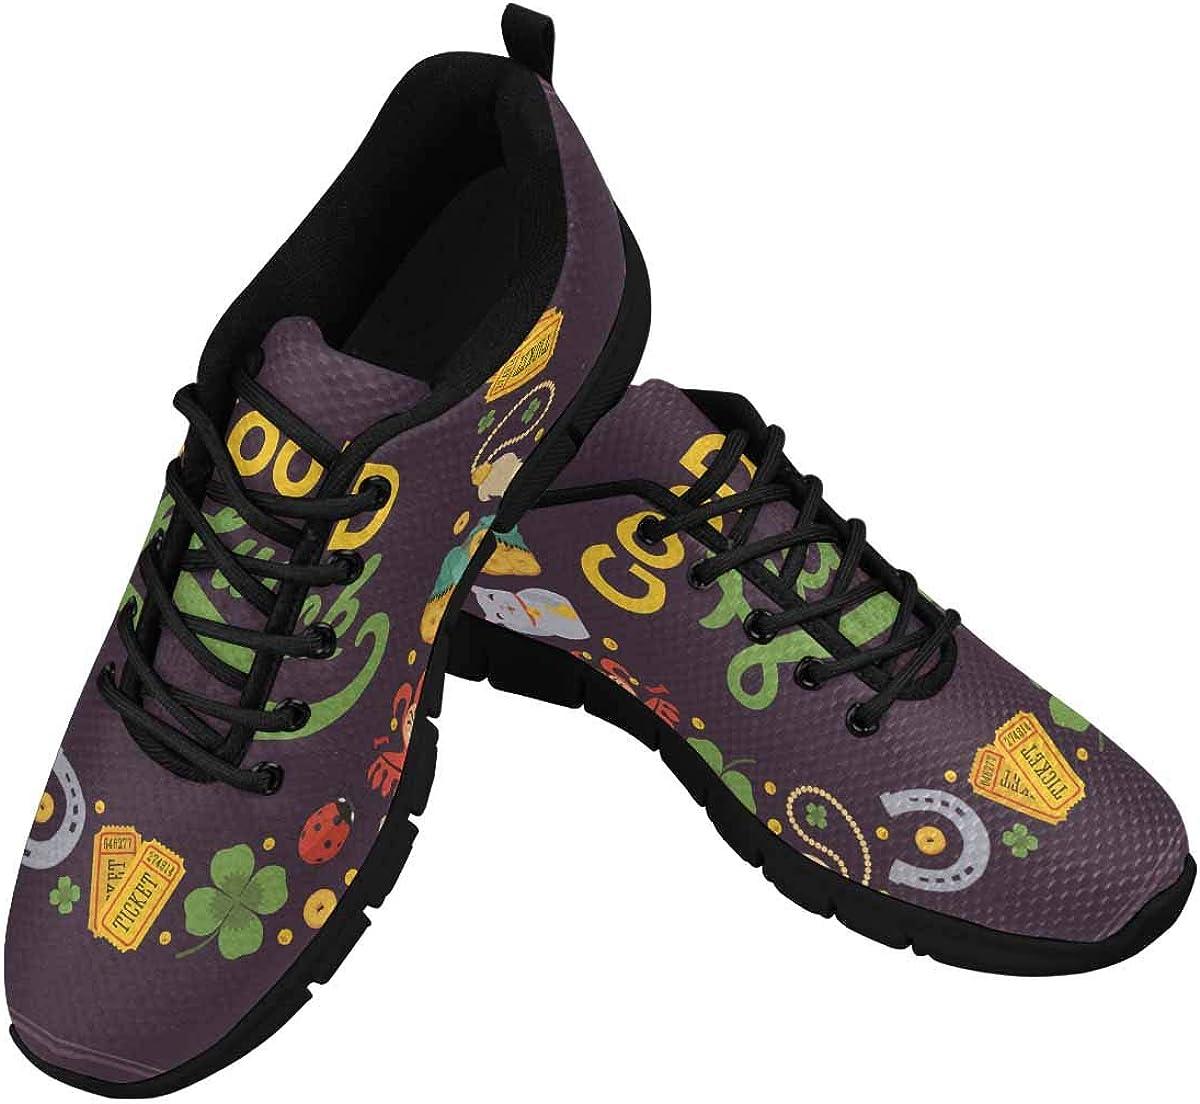 INTERESTPRINT Lucky Clover Good Luck Women's Walking Shoes Lightweight Casual Running Sneakers